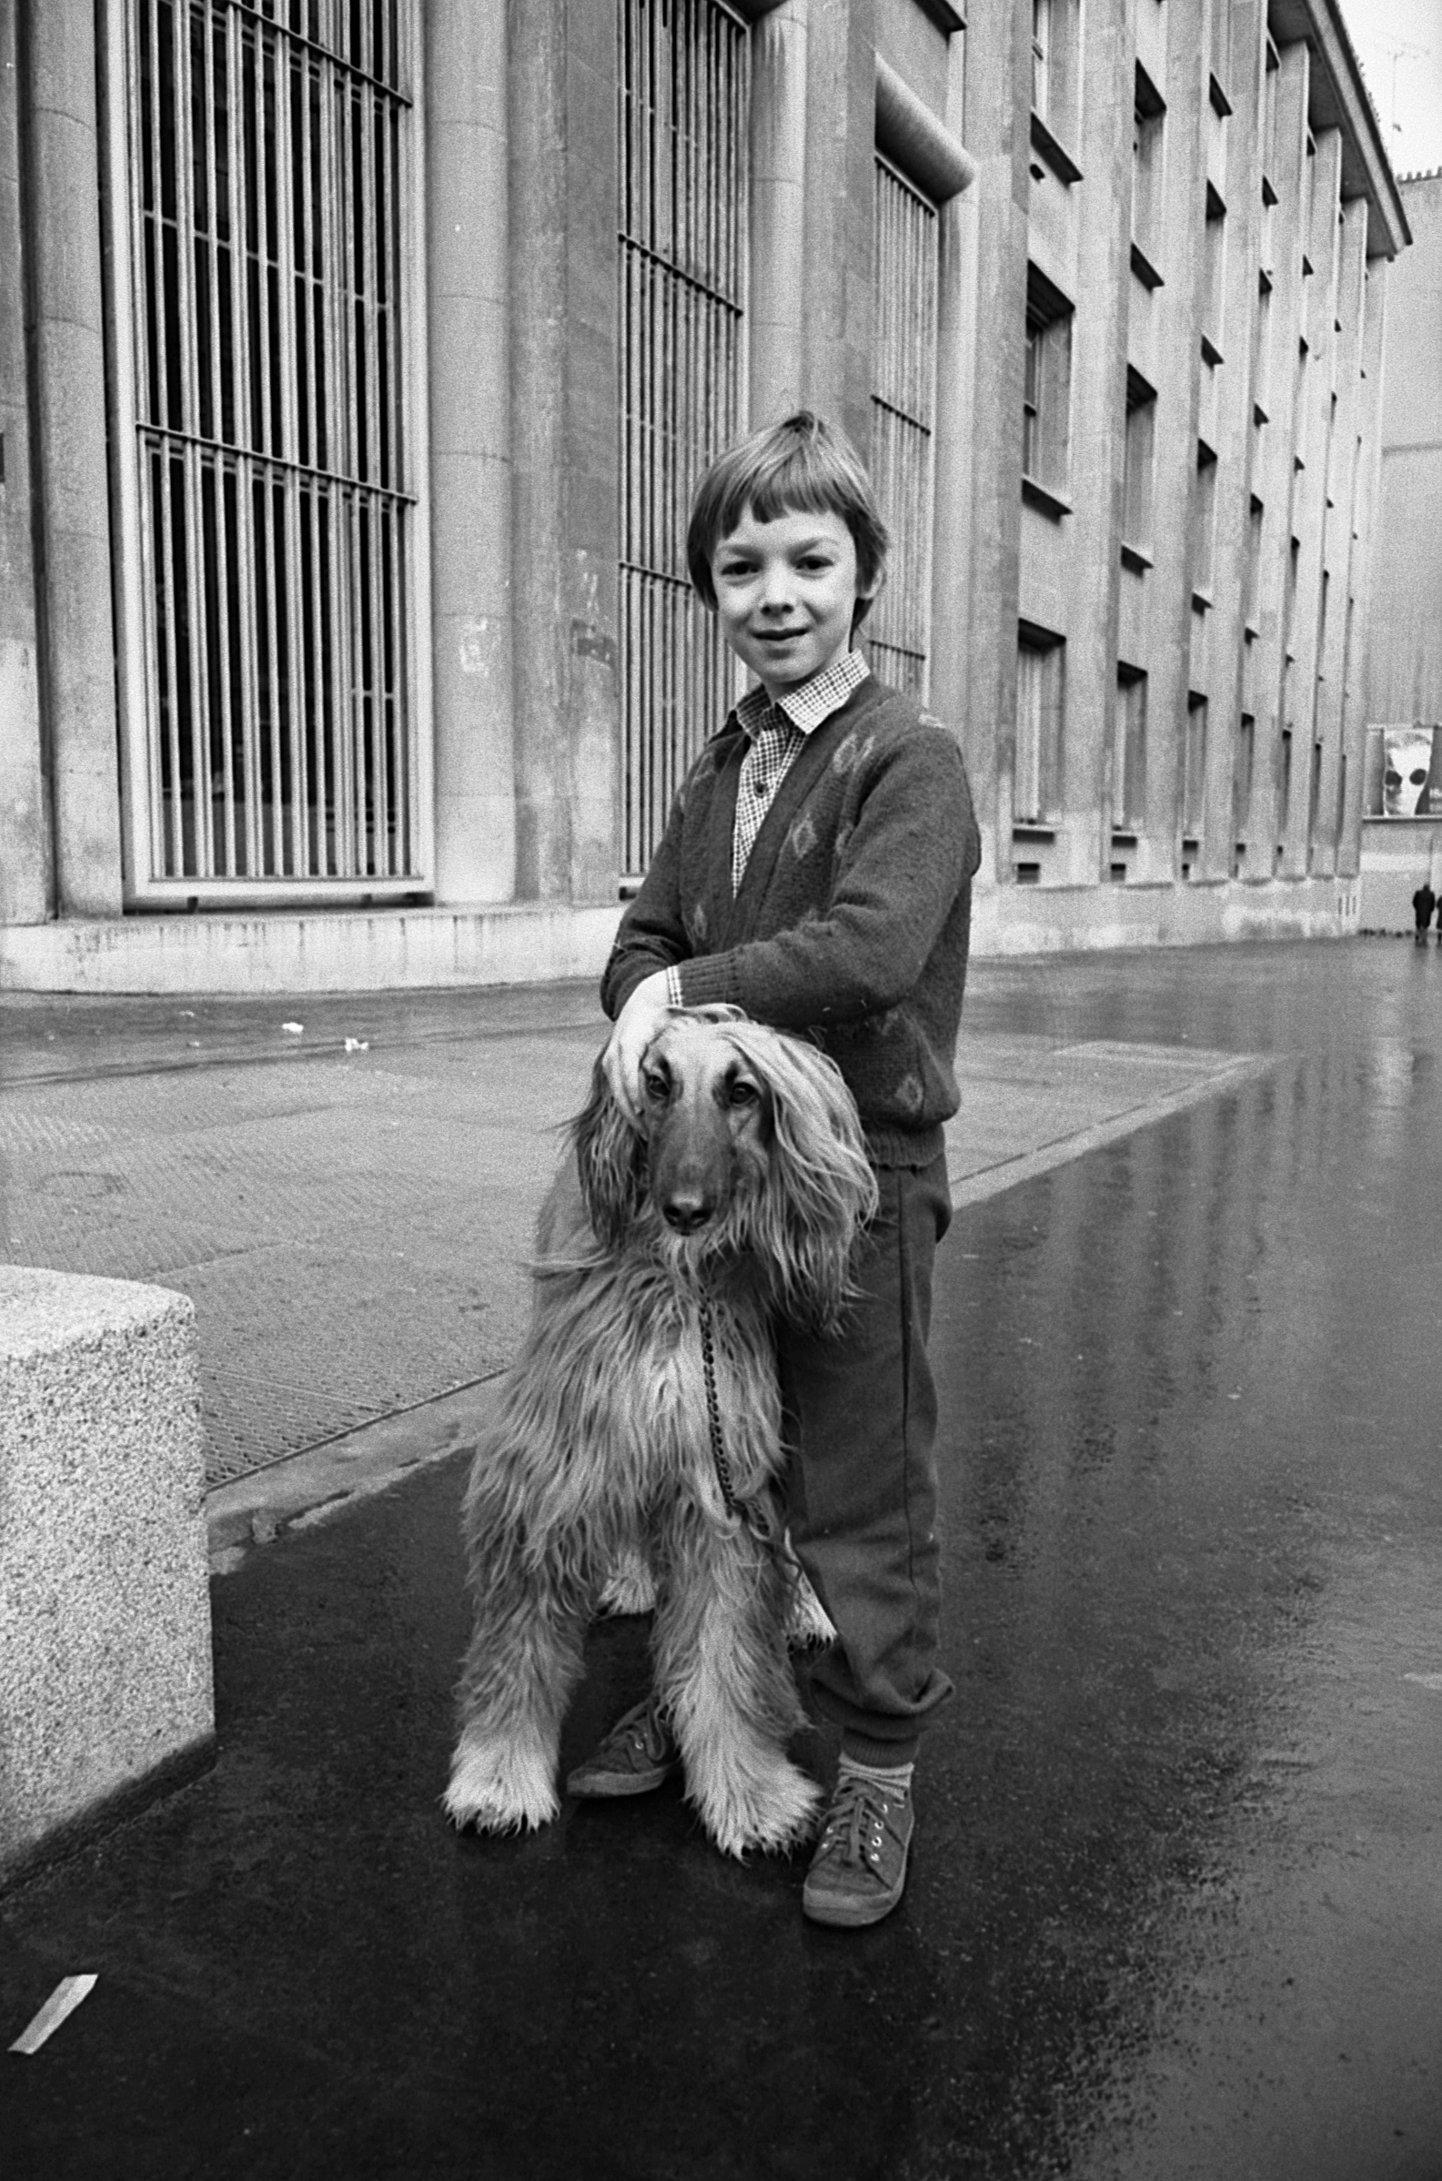 dog & boy France.jpg